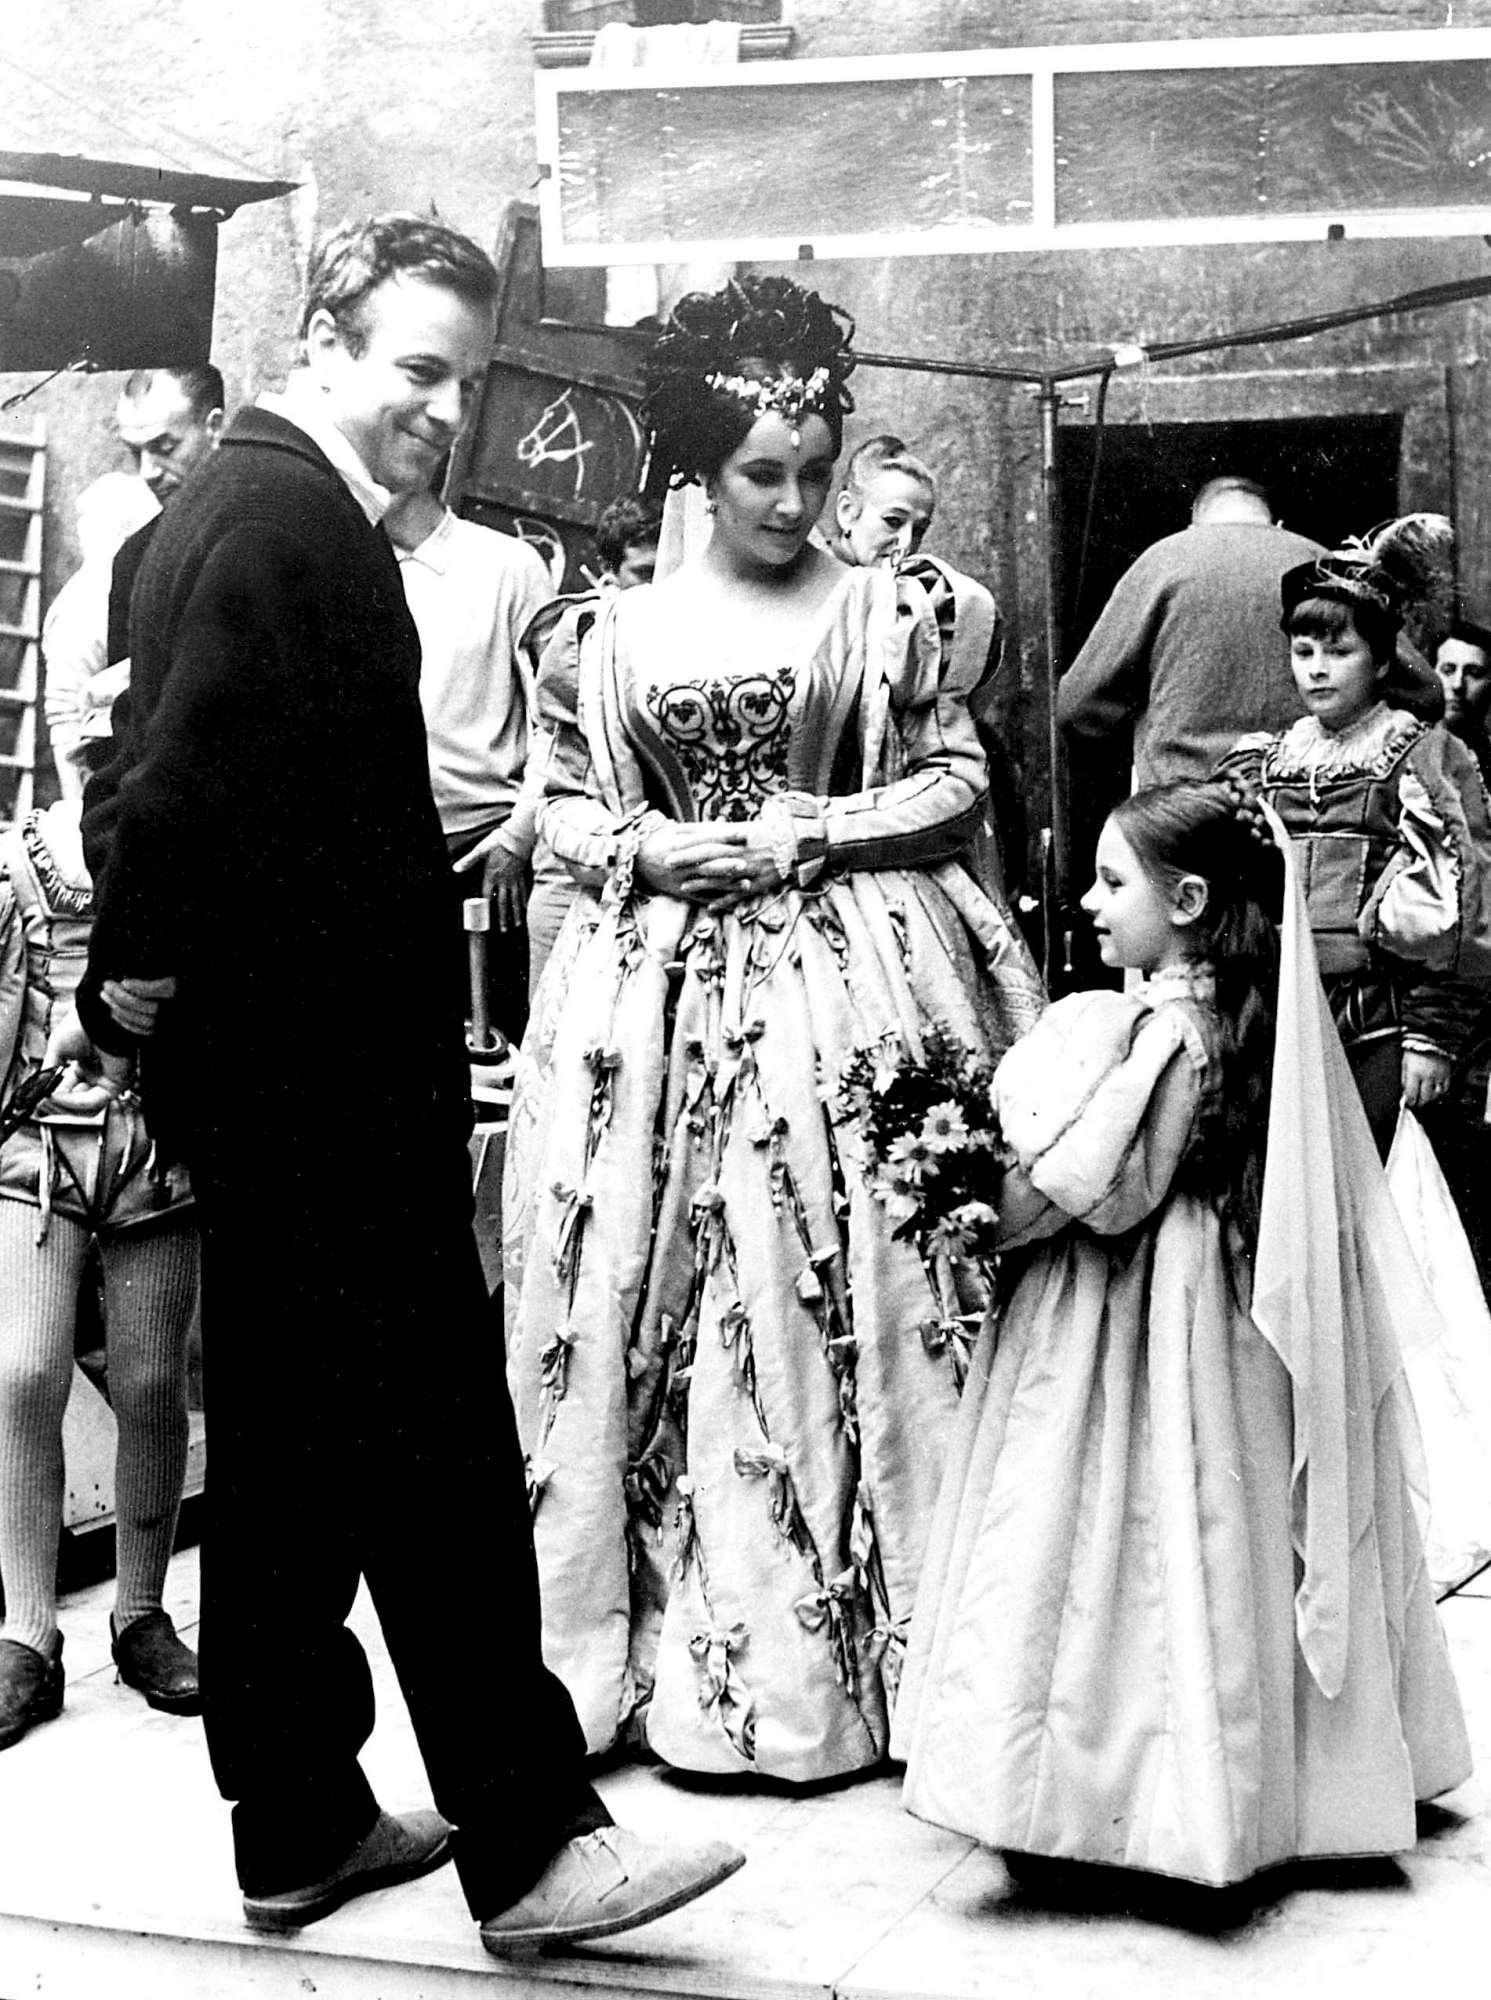 Franco Zeffirelli, ecco i suoi capolavori del cinema